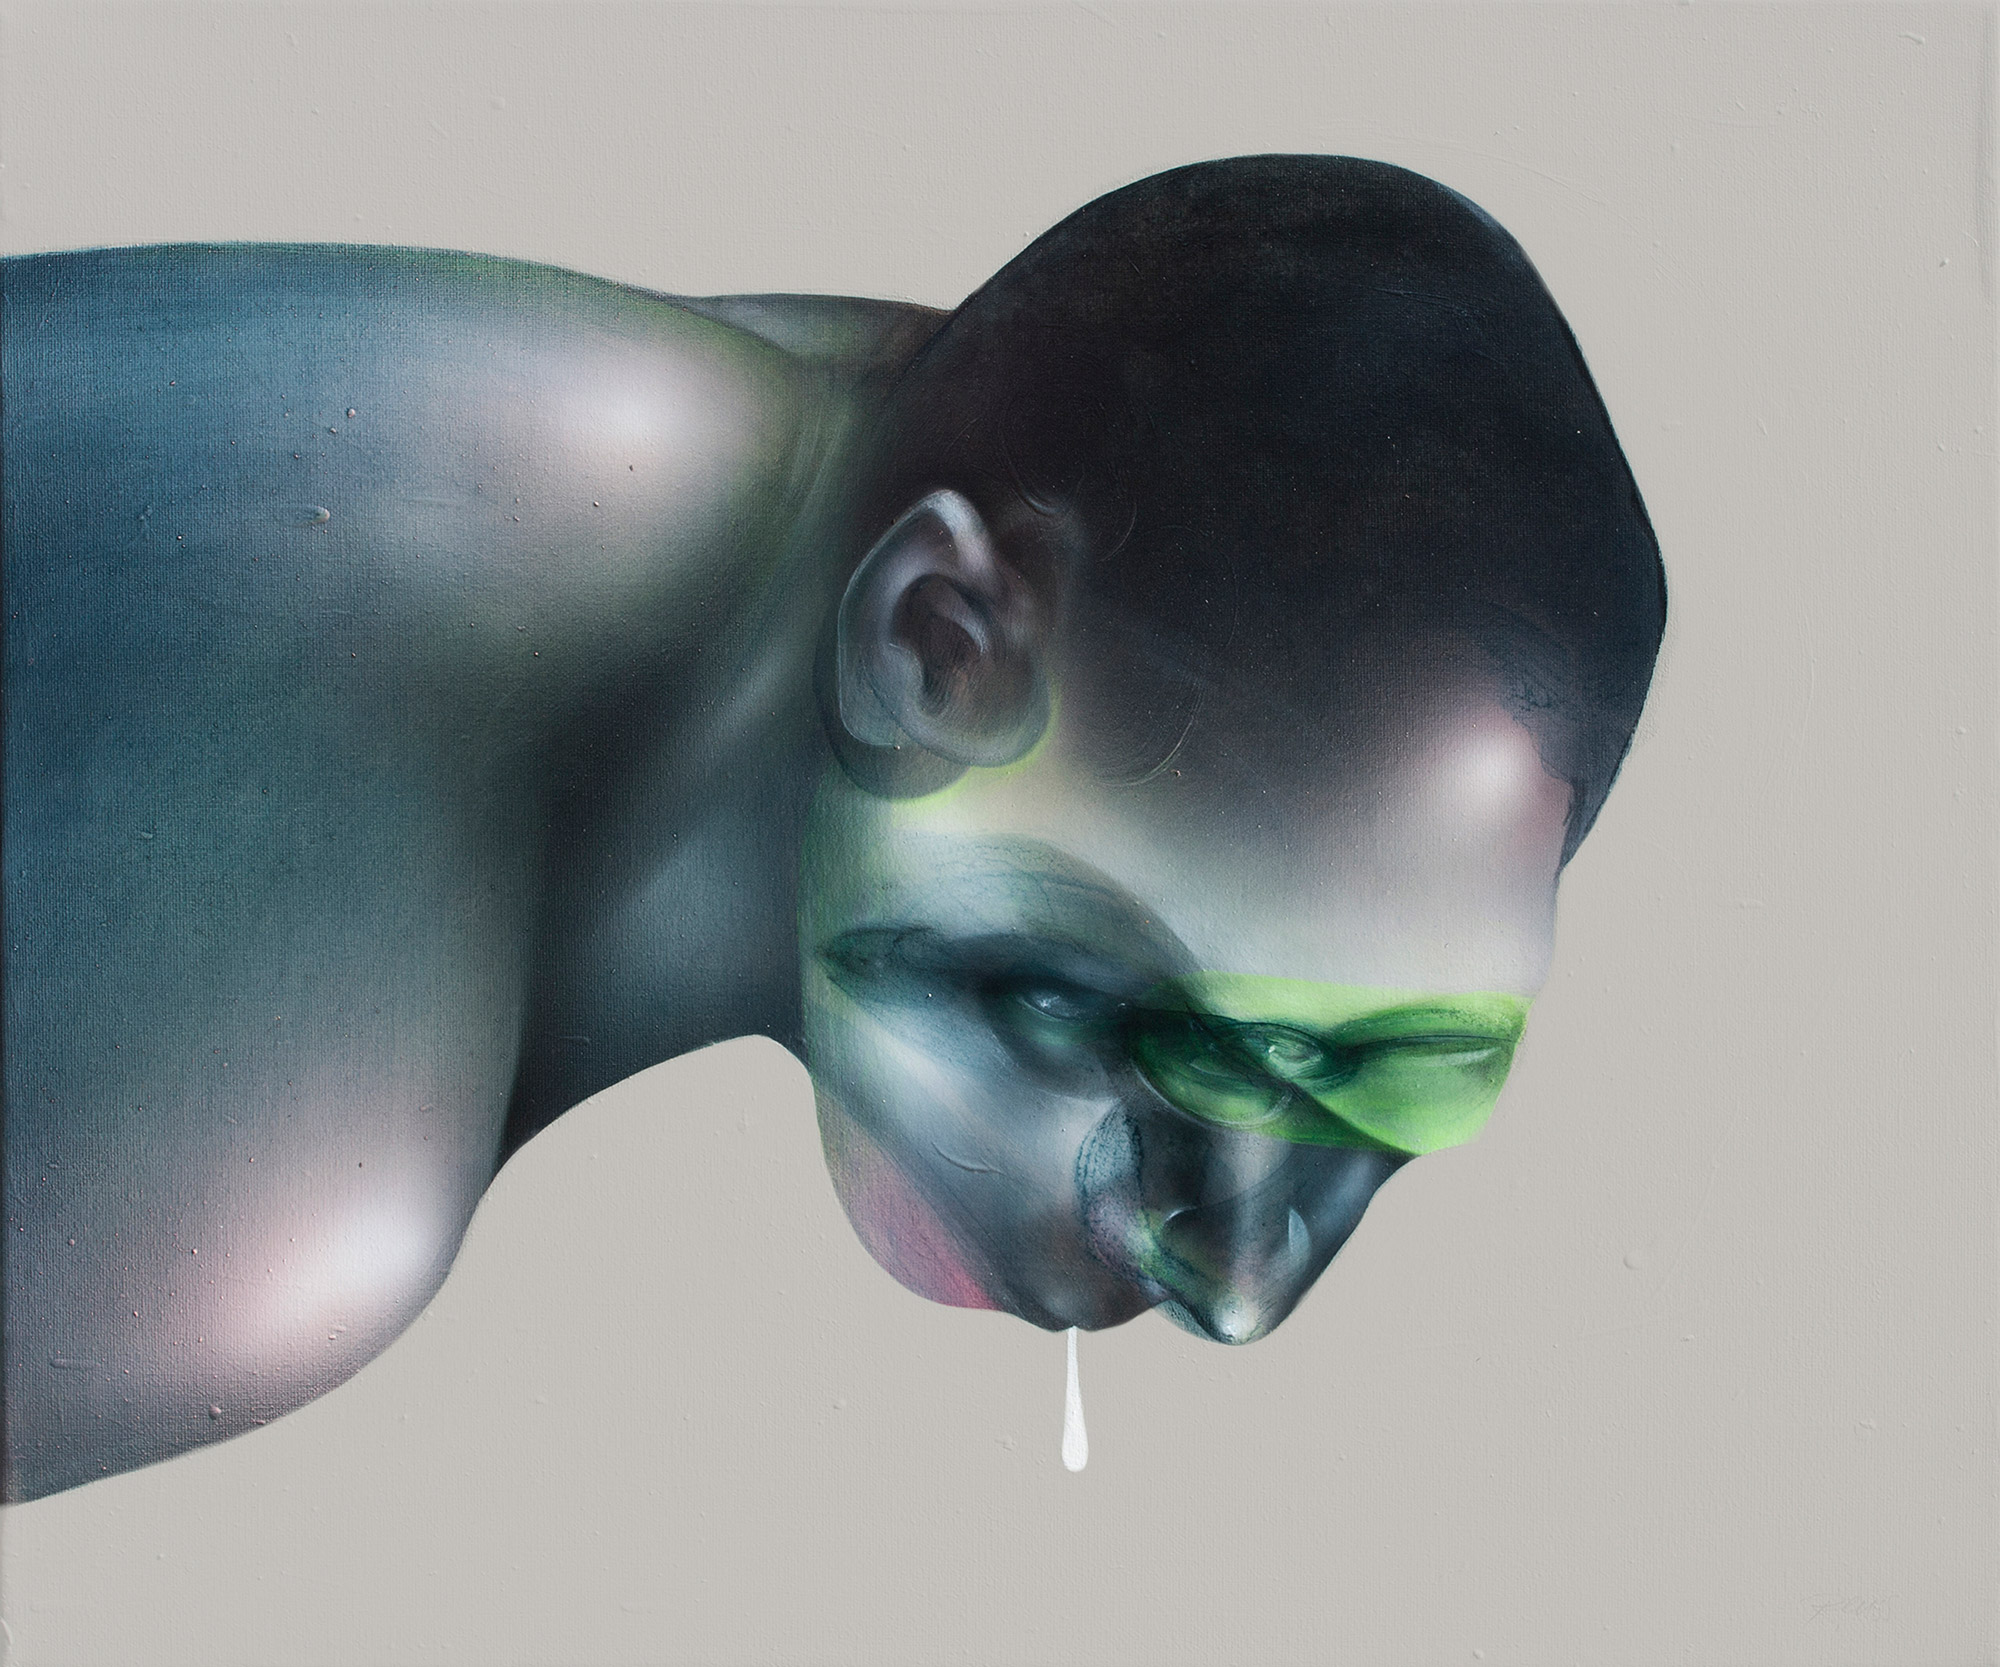 John Reuss - Spit